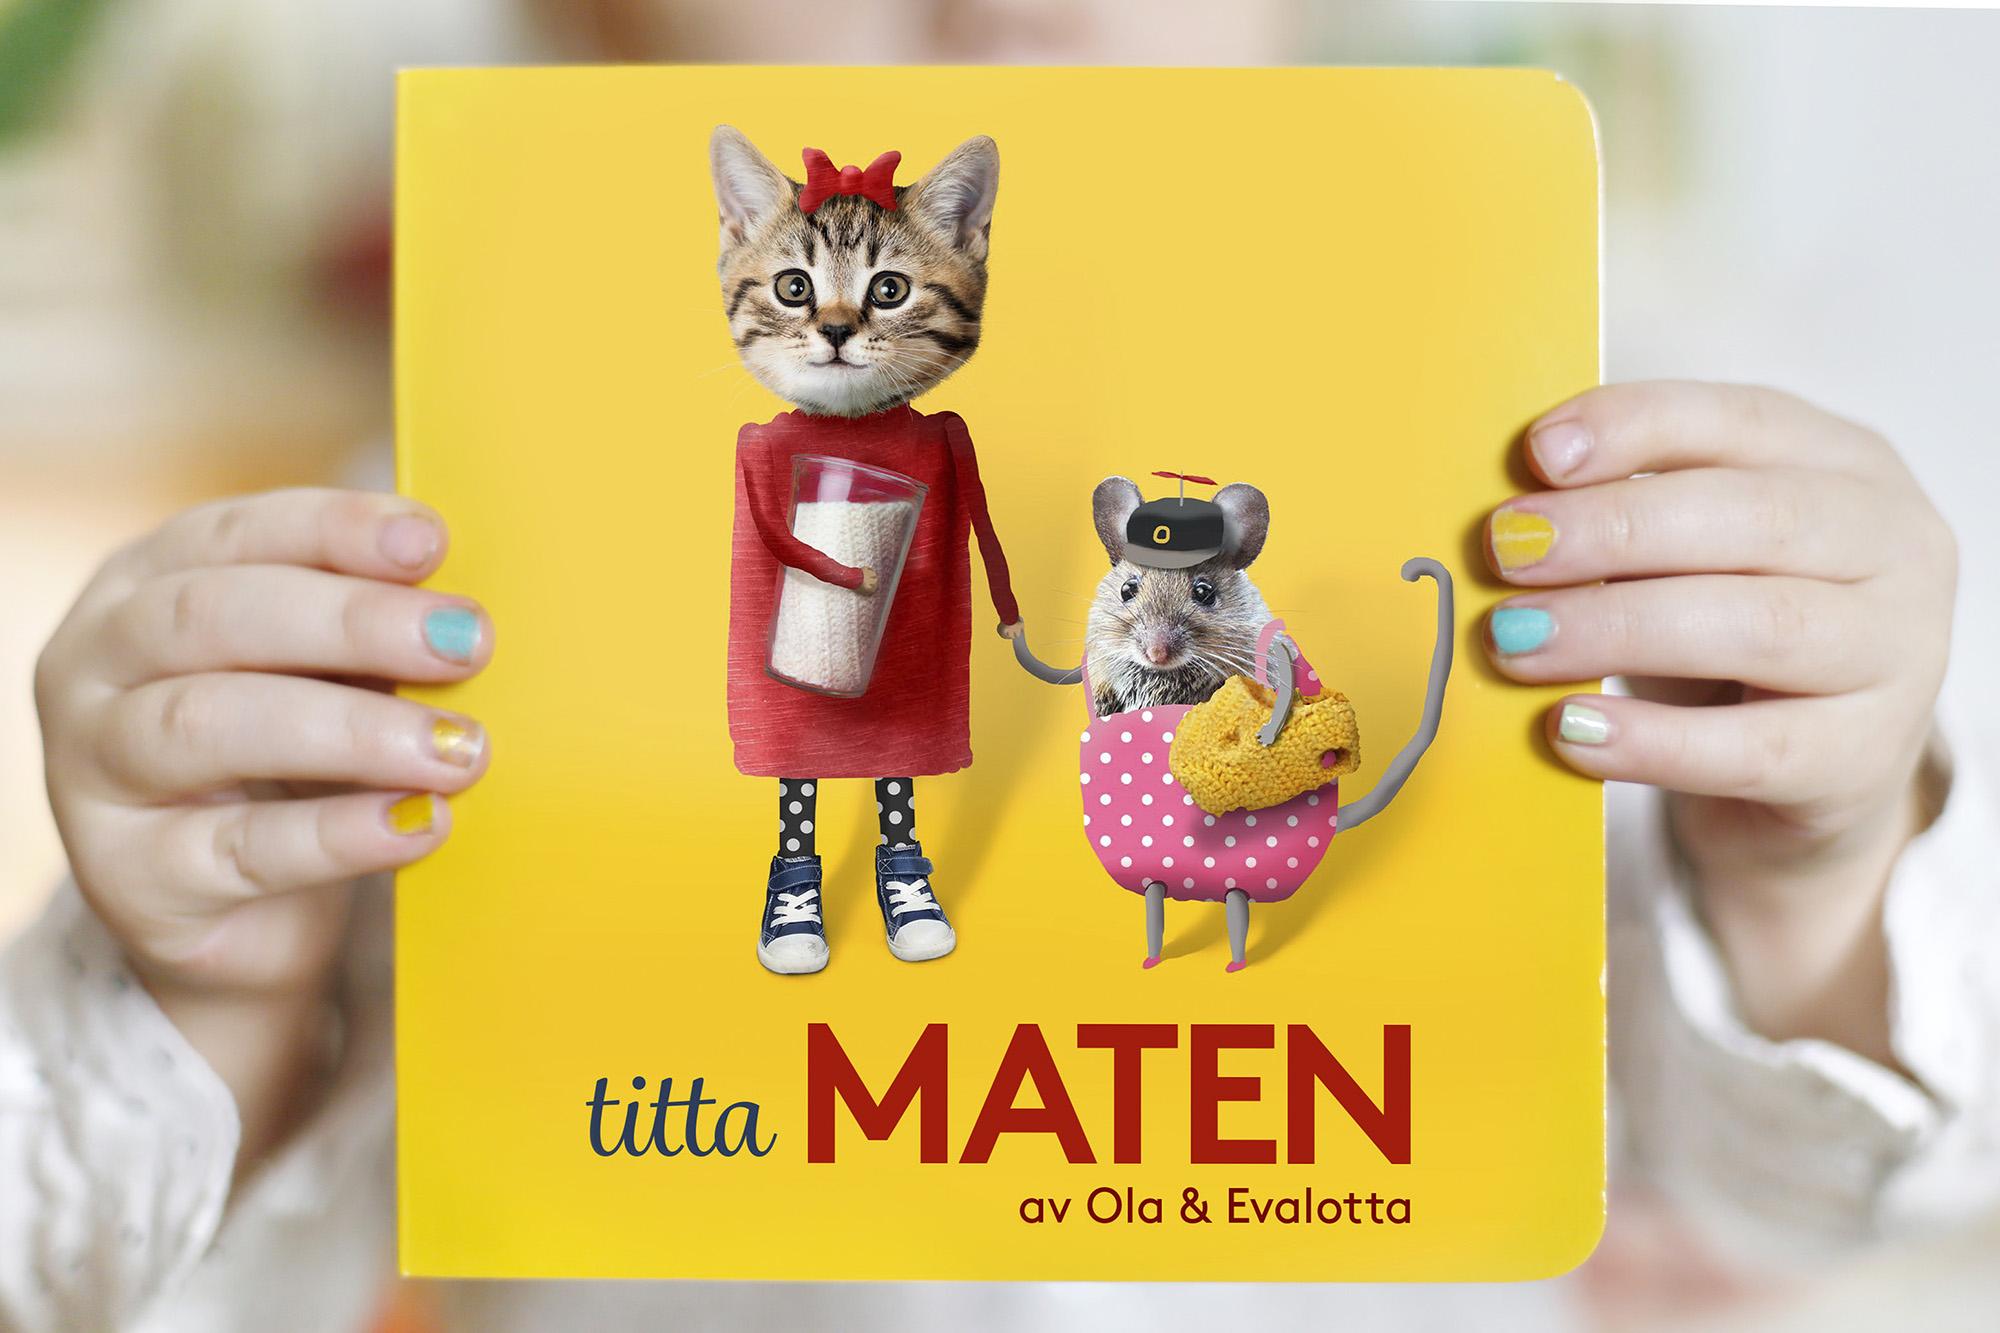 Titta_Maten_Ola_o_Evalotta-Cover-2k